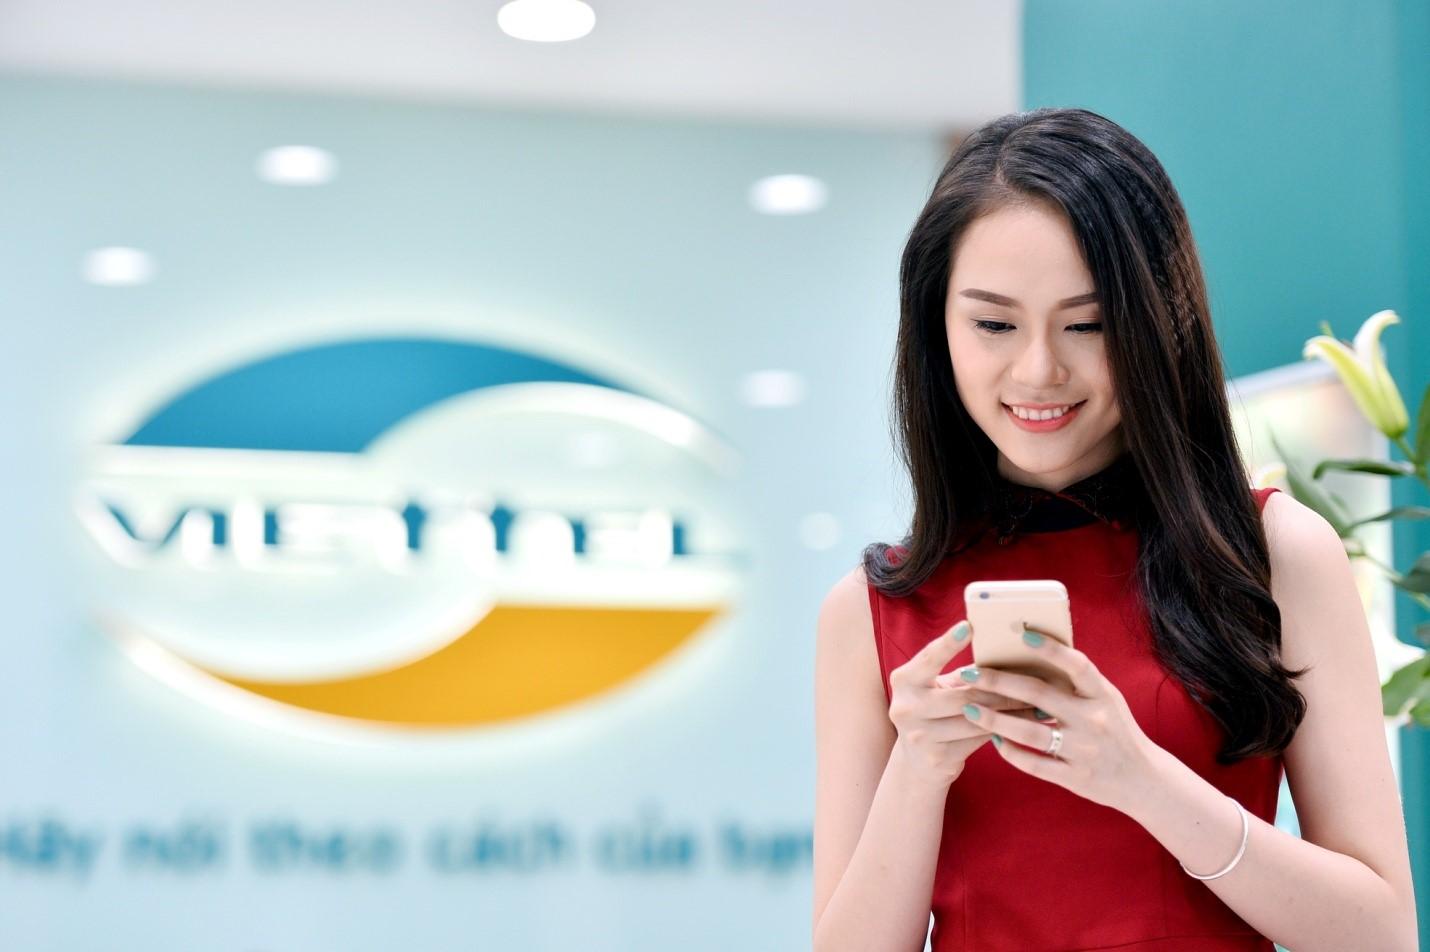 Bạn có thể kiểm tra tài khoản sim 3G Viettel thông qua cú pháp *191#